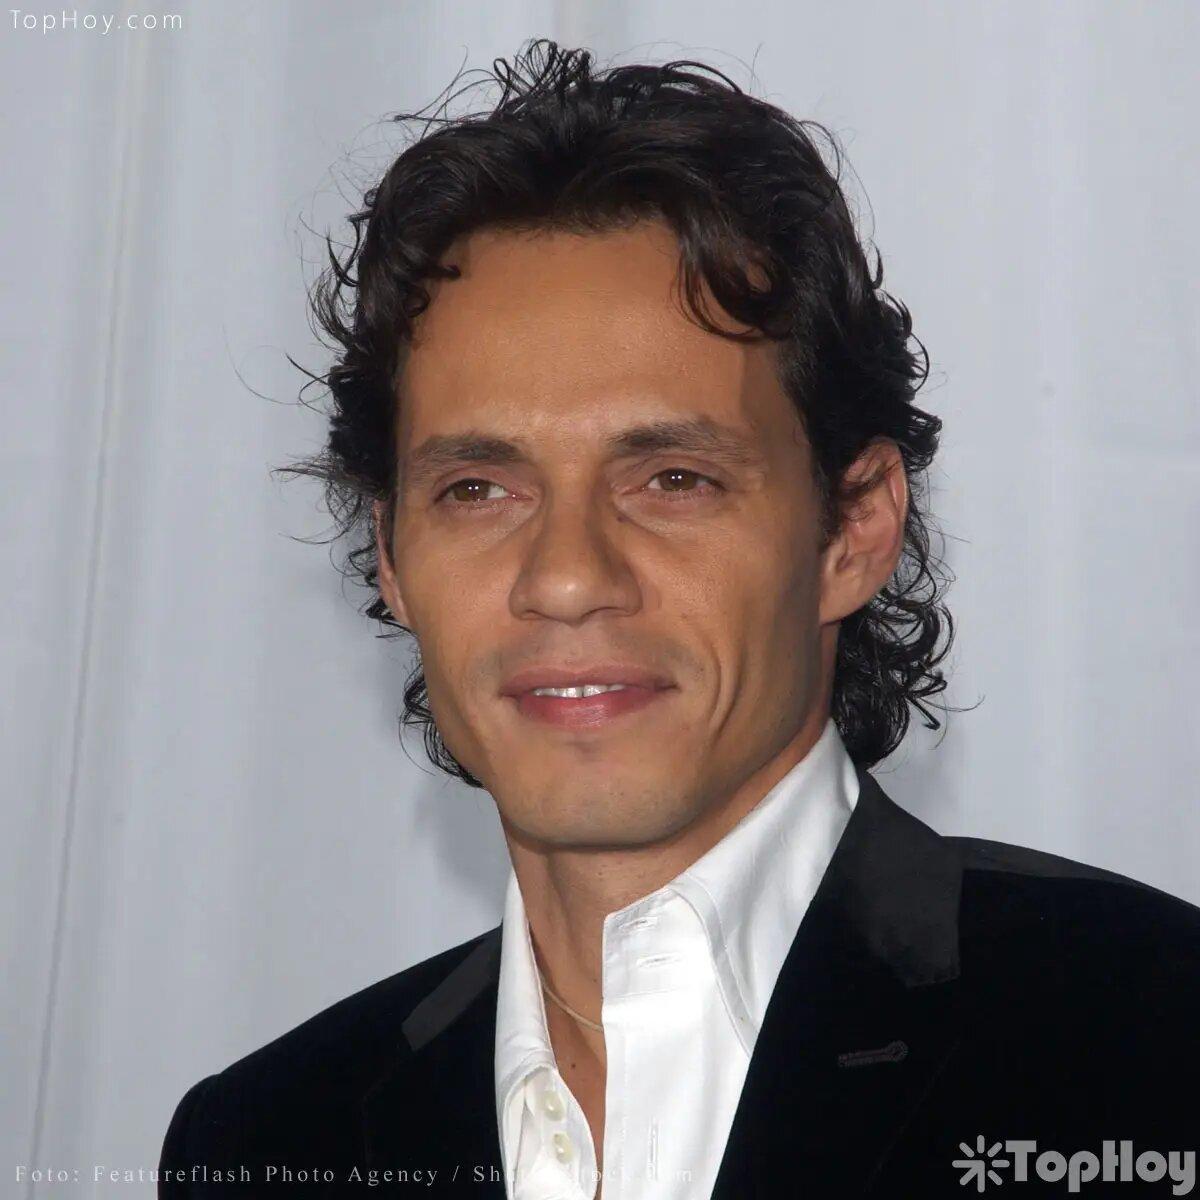 Su nombre verdadero es Marco Antonio Muñiz Rivera y nació el 16 de septiembre de 1968 en Nueva York.